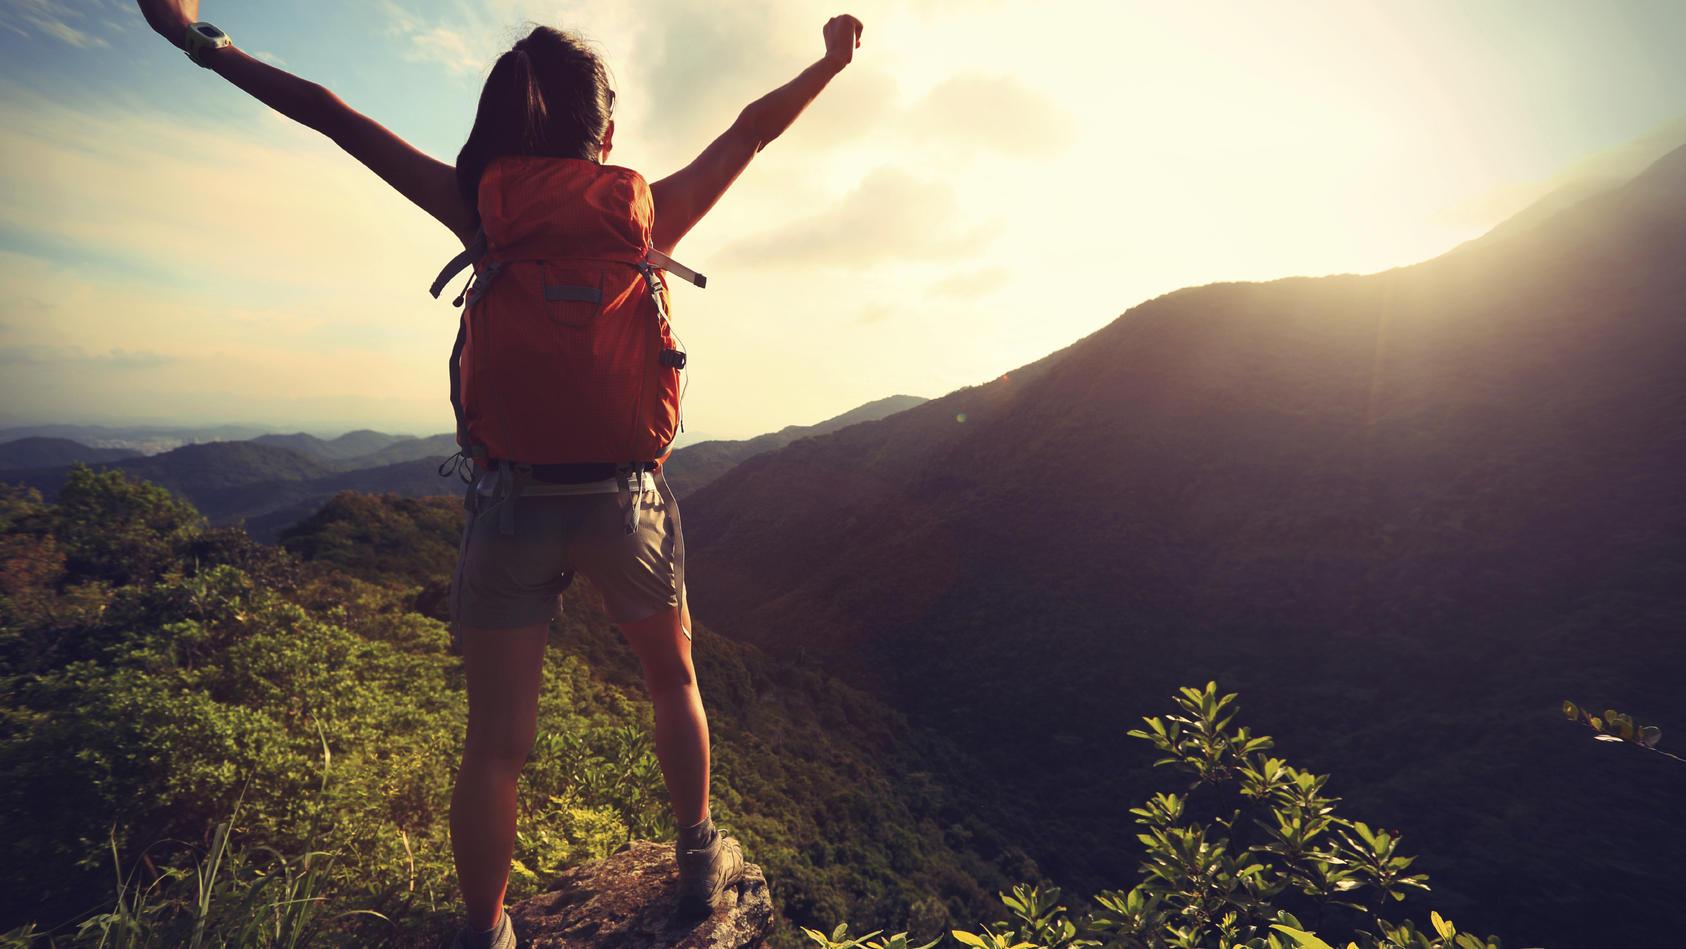 Rucksack-Touristen steht jubelnd an einem Berg im Sonnenlicht